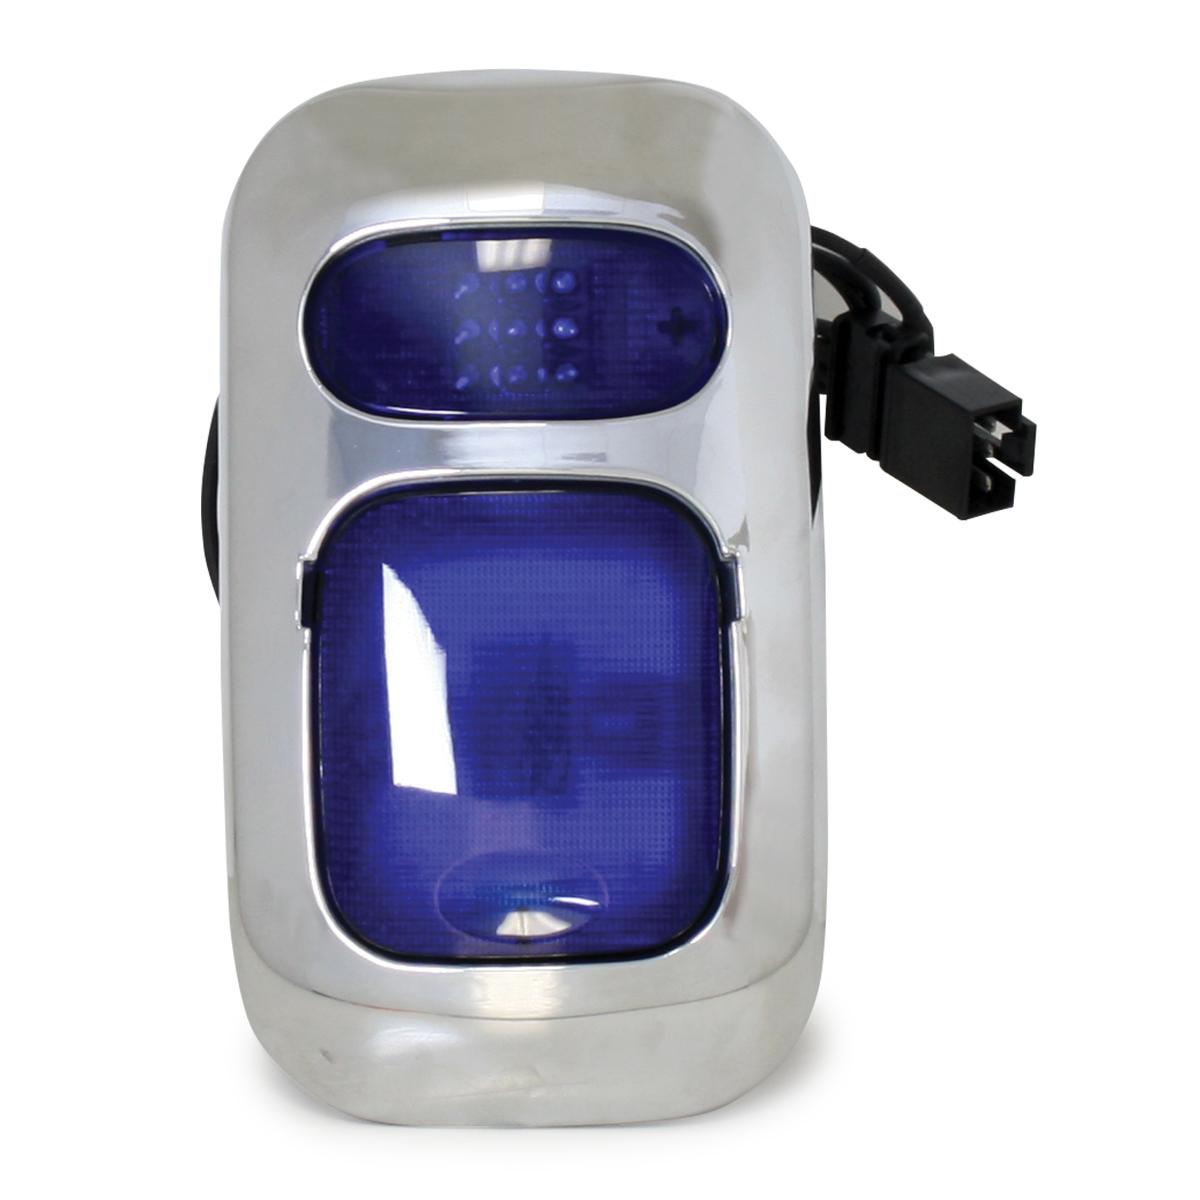 67829 Chrome Plastic Dome Light Cover (with 67821 & 67831 Blue Lens) for FL Columbia/Coronado